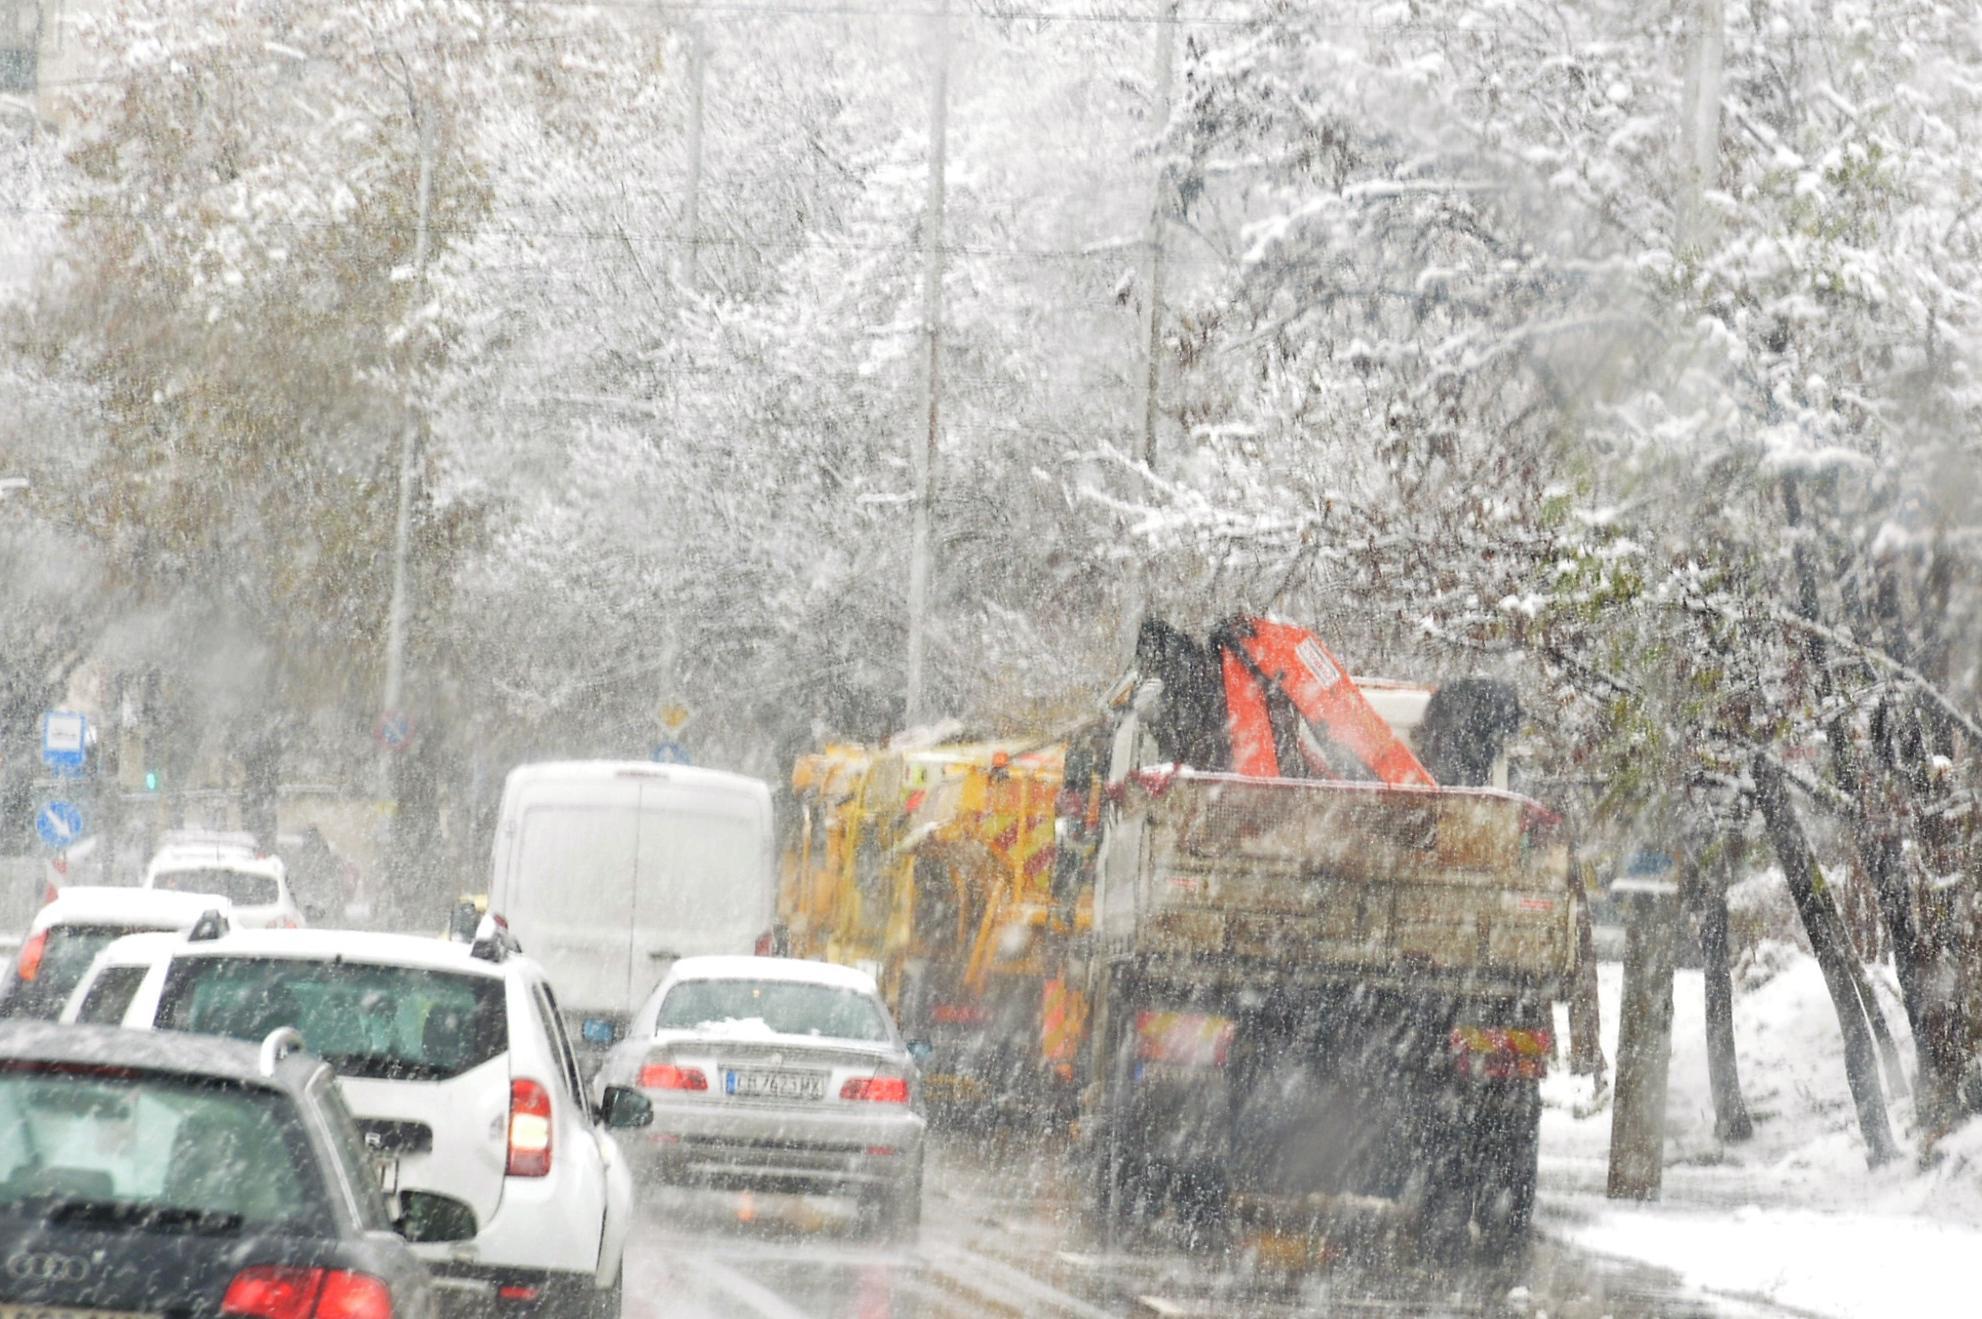 Обработени срещу заледяване са улици, стръмни участъци и мостове в София